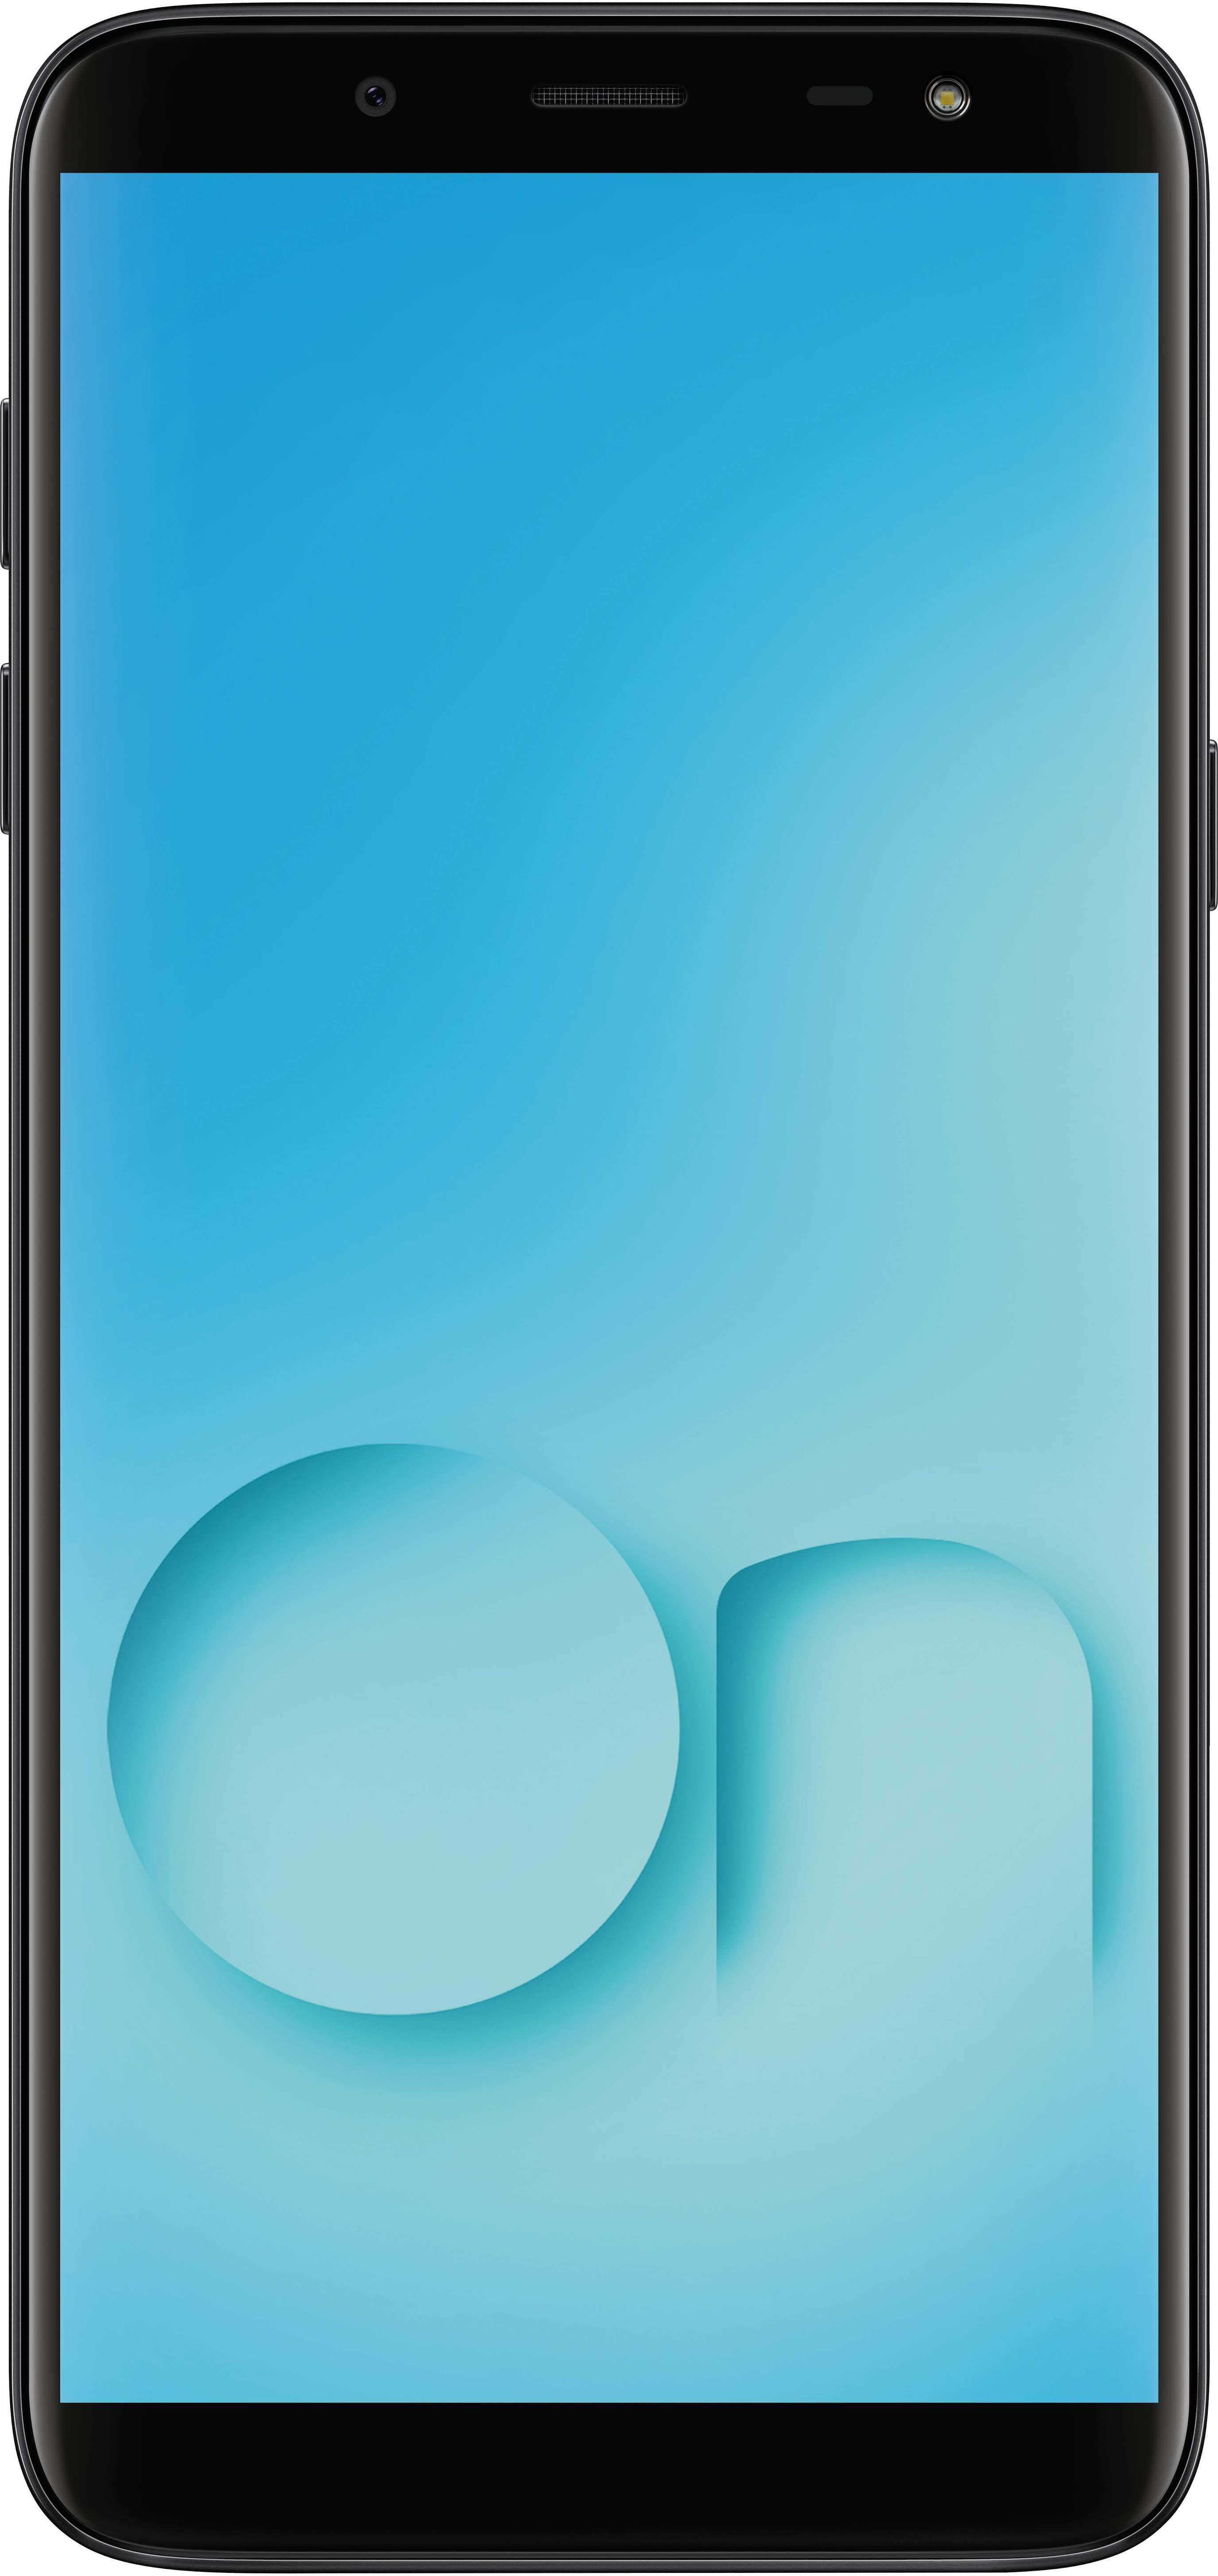 جوال Galaxy On6 المميز بتصميم جذاب ومواصفات جيدة